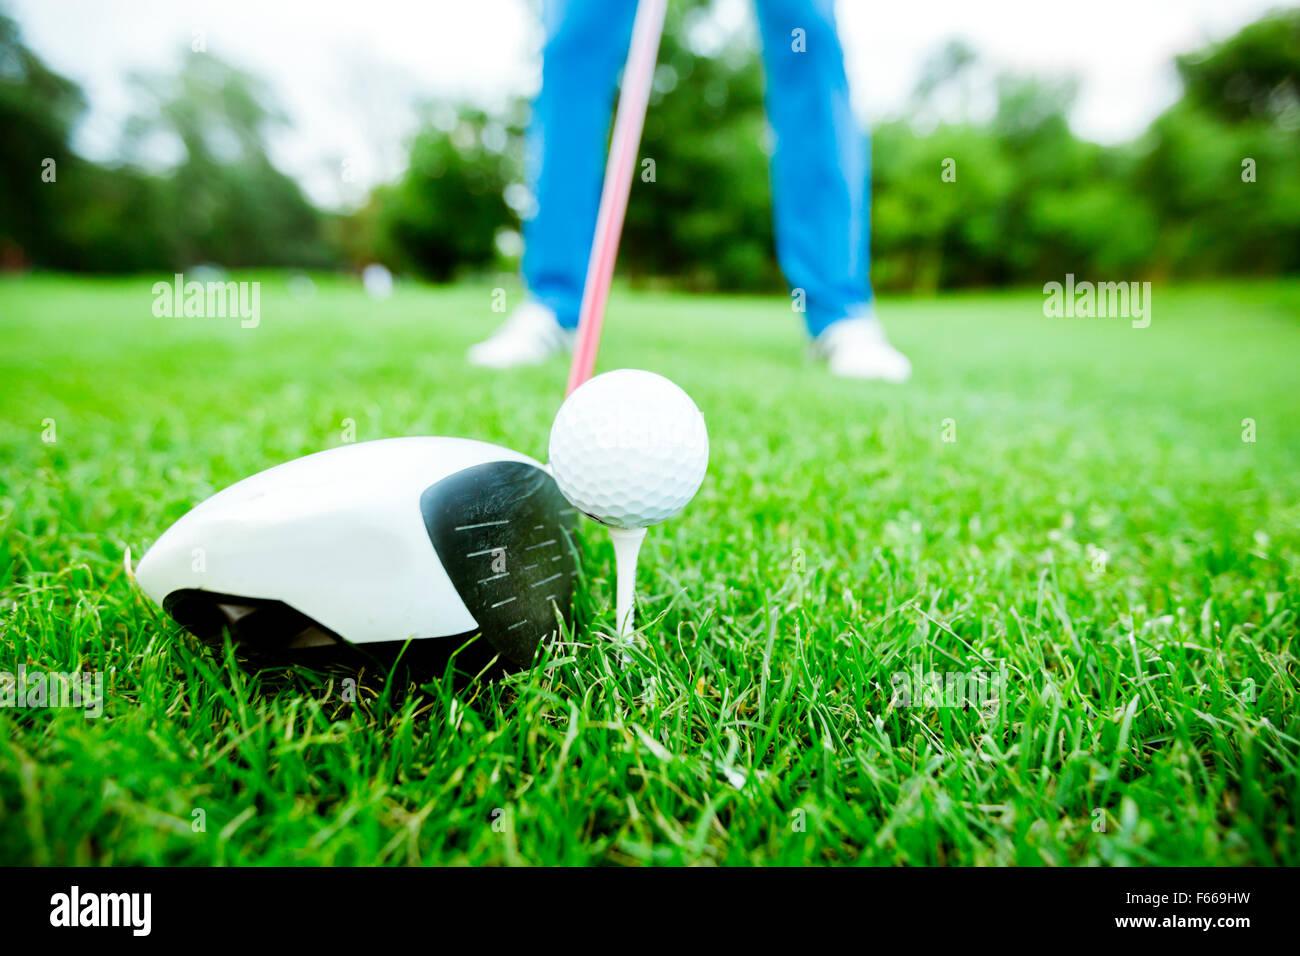 Golfeur s'apprête à prendre un coup. Gros plan et photo grand angle Photo Stock